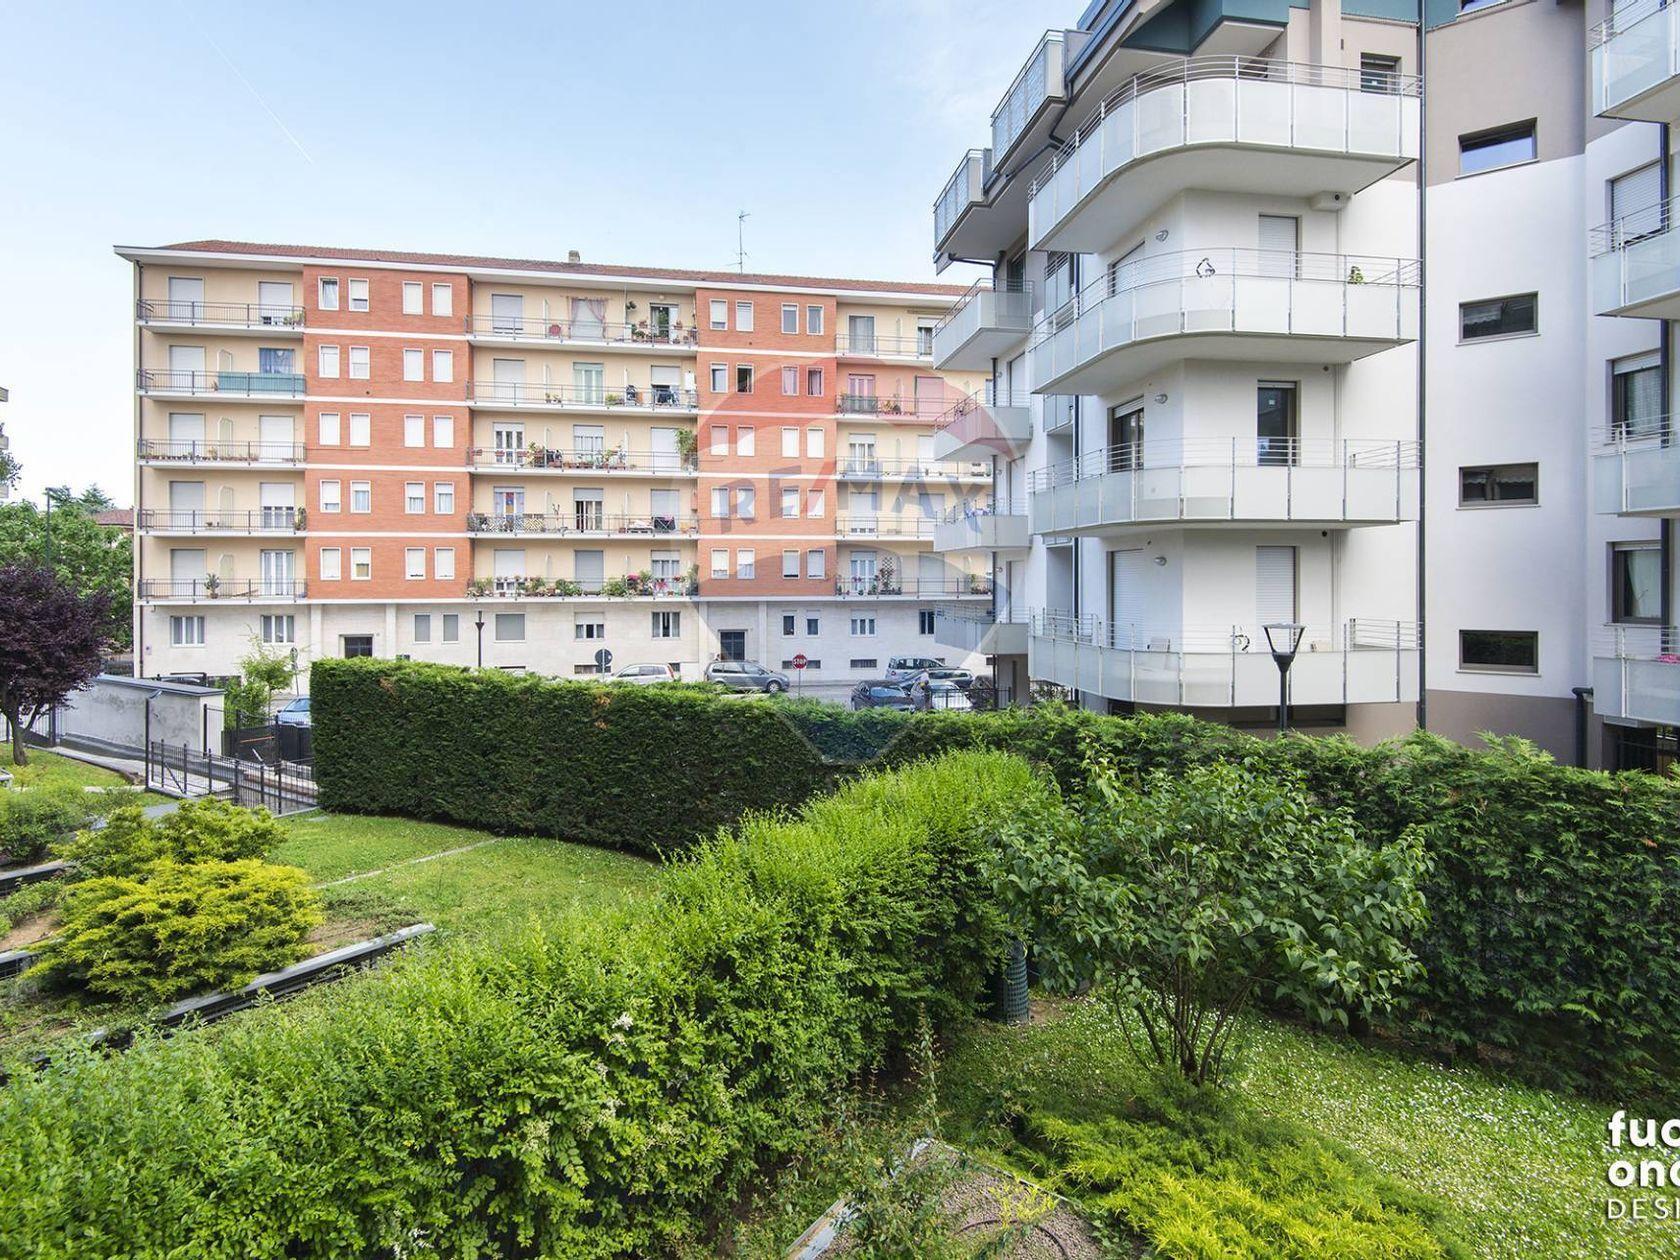 Appartamento Chieri, TO Vendita - Foto 25